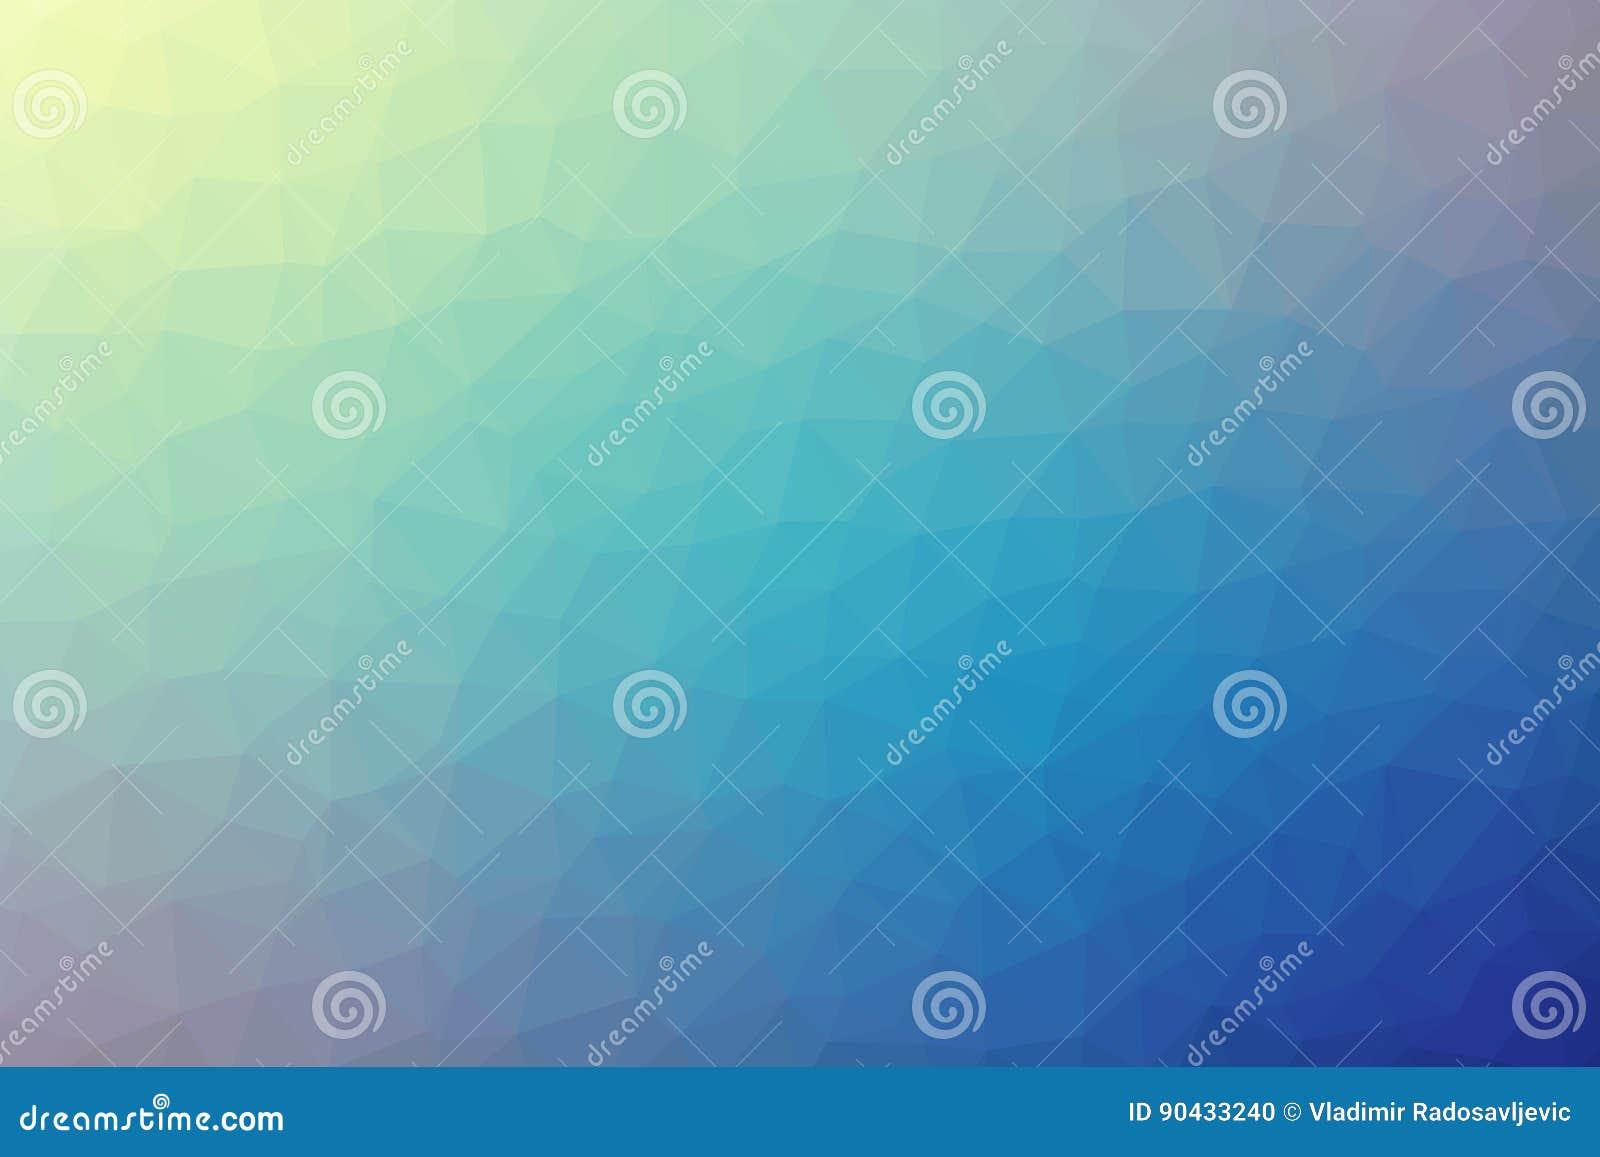 Veelhoekige abstracte geometrische blauwe en gele driehoekige lage polygradiënt vectorillustratie als achtergrond